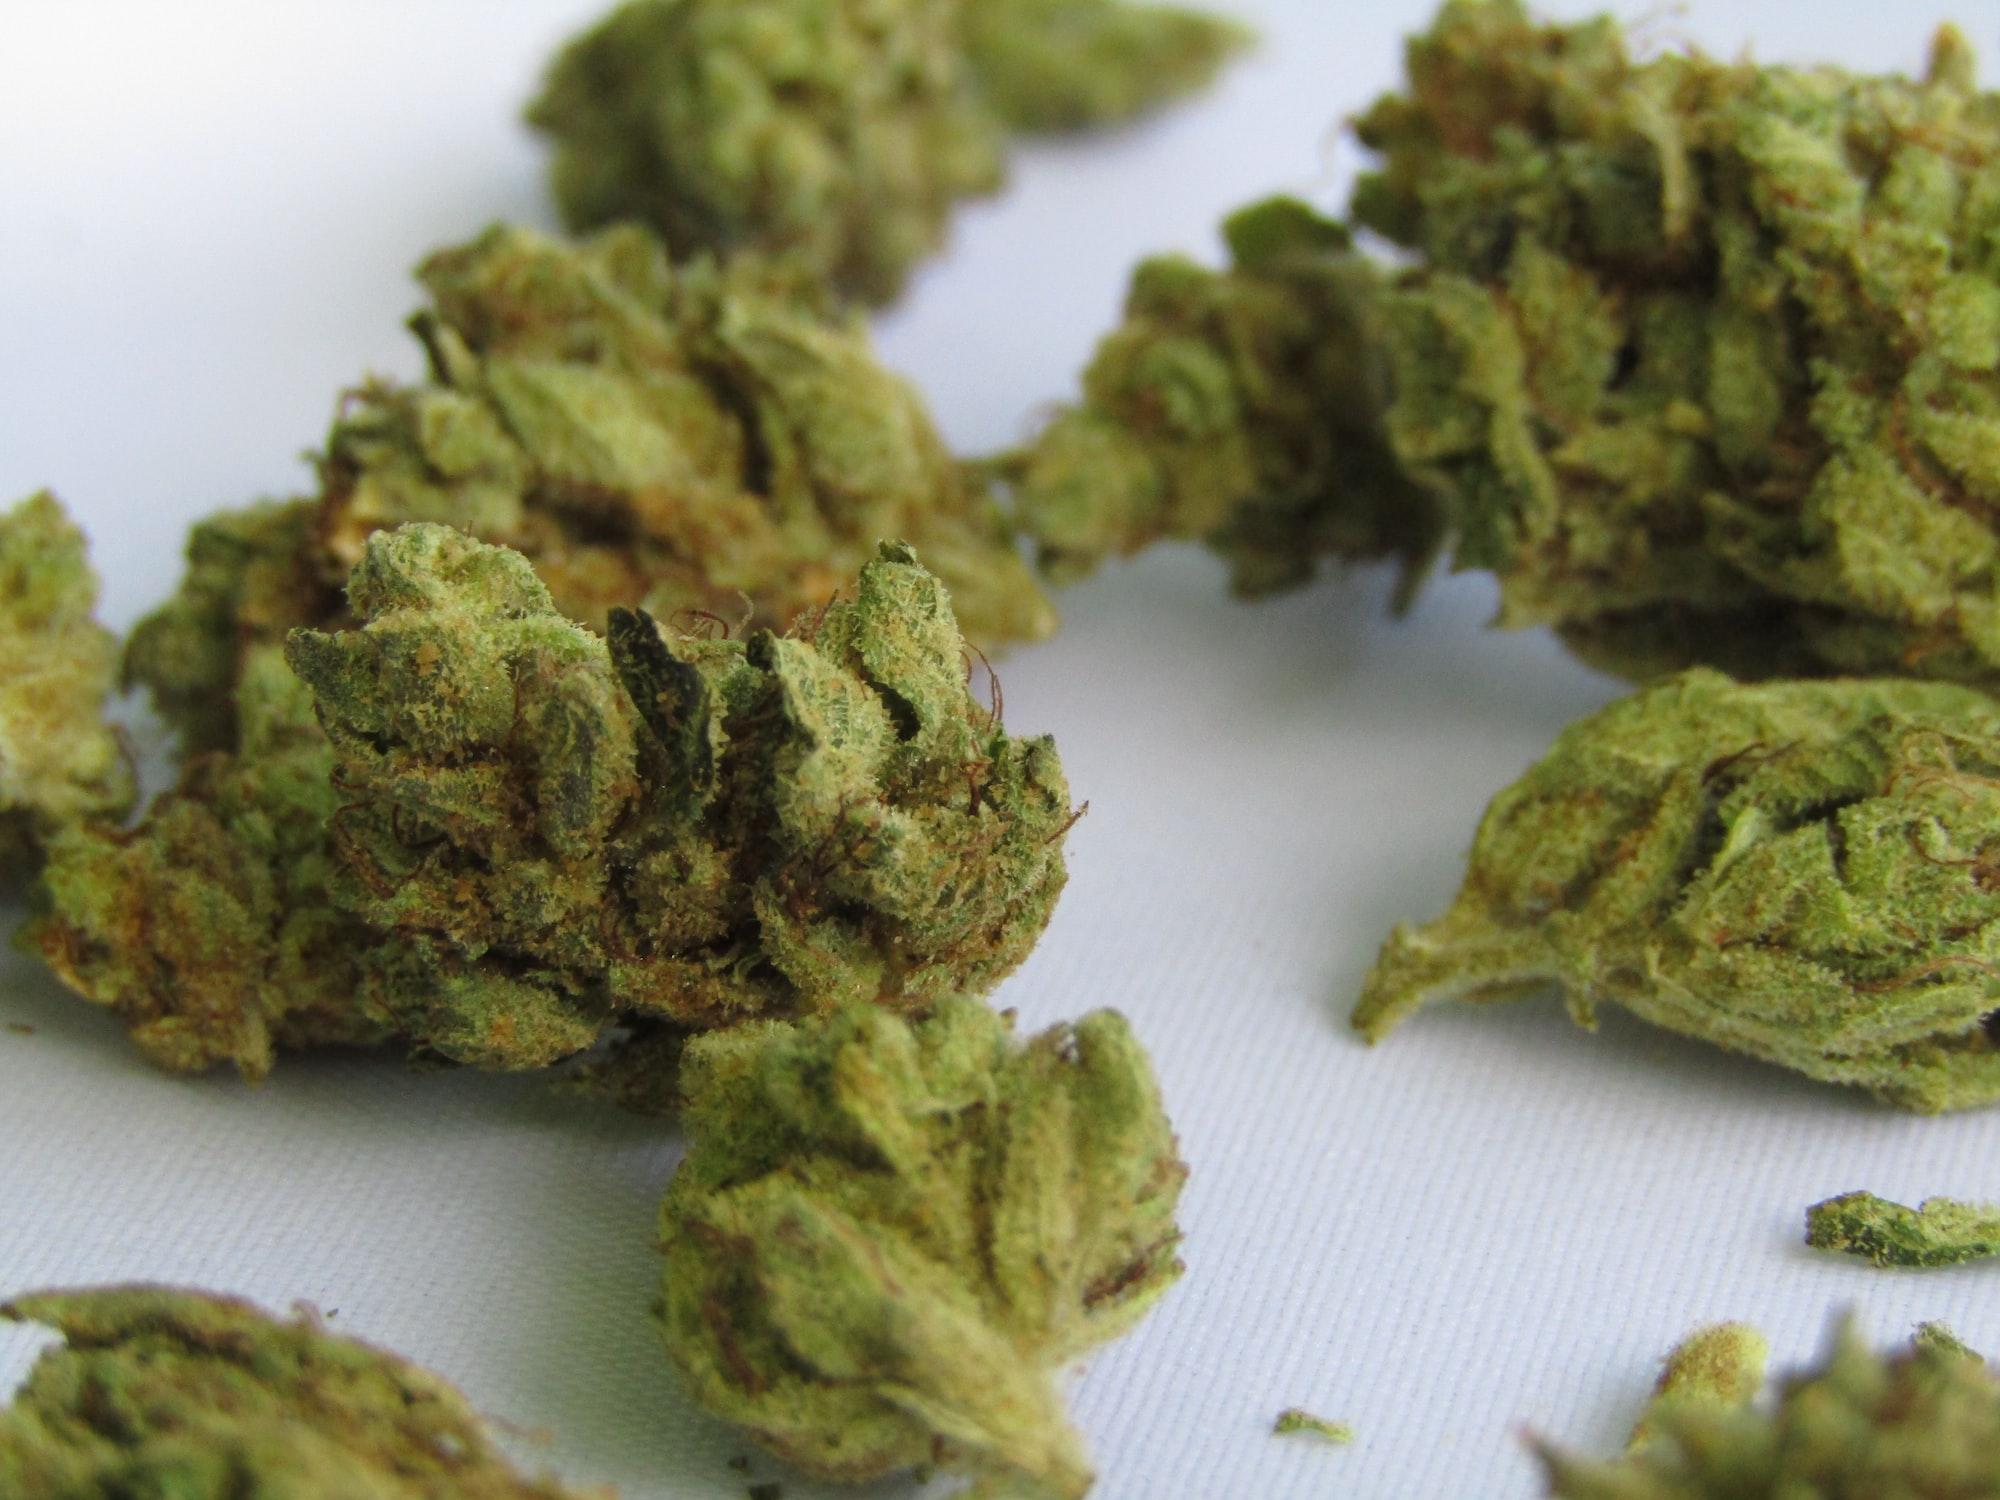 marijuana: recreational, spiritual, medical